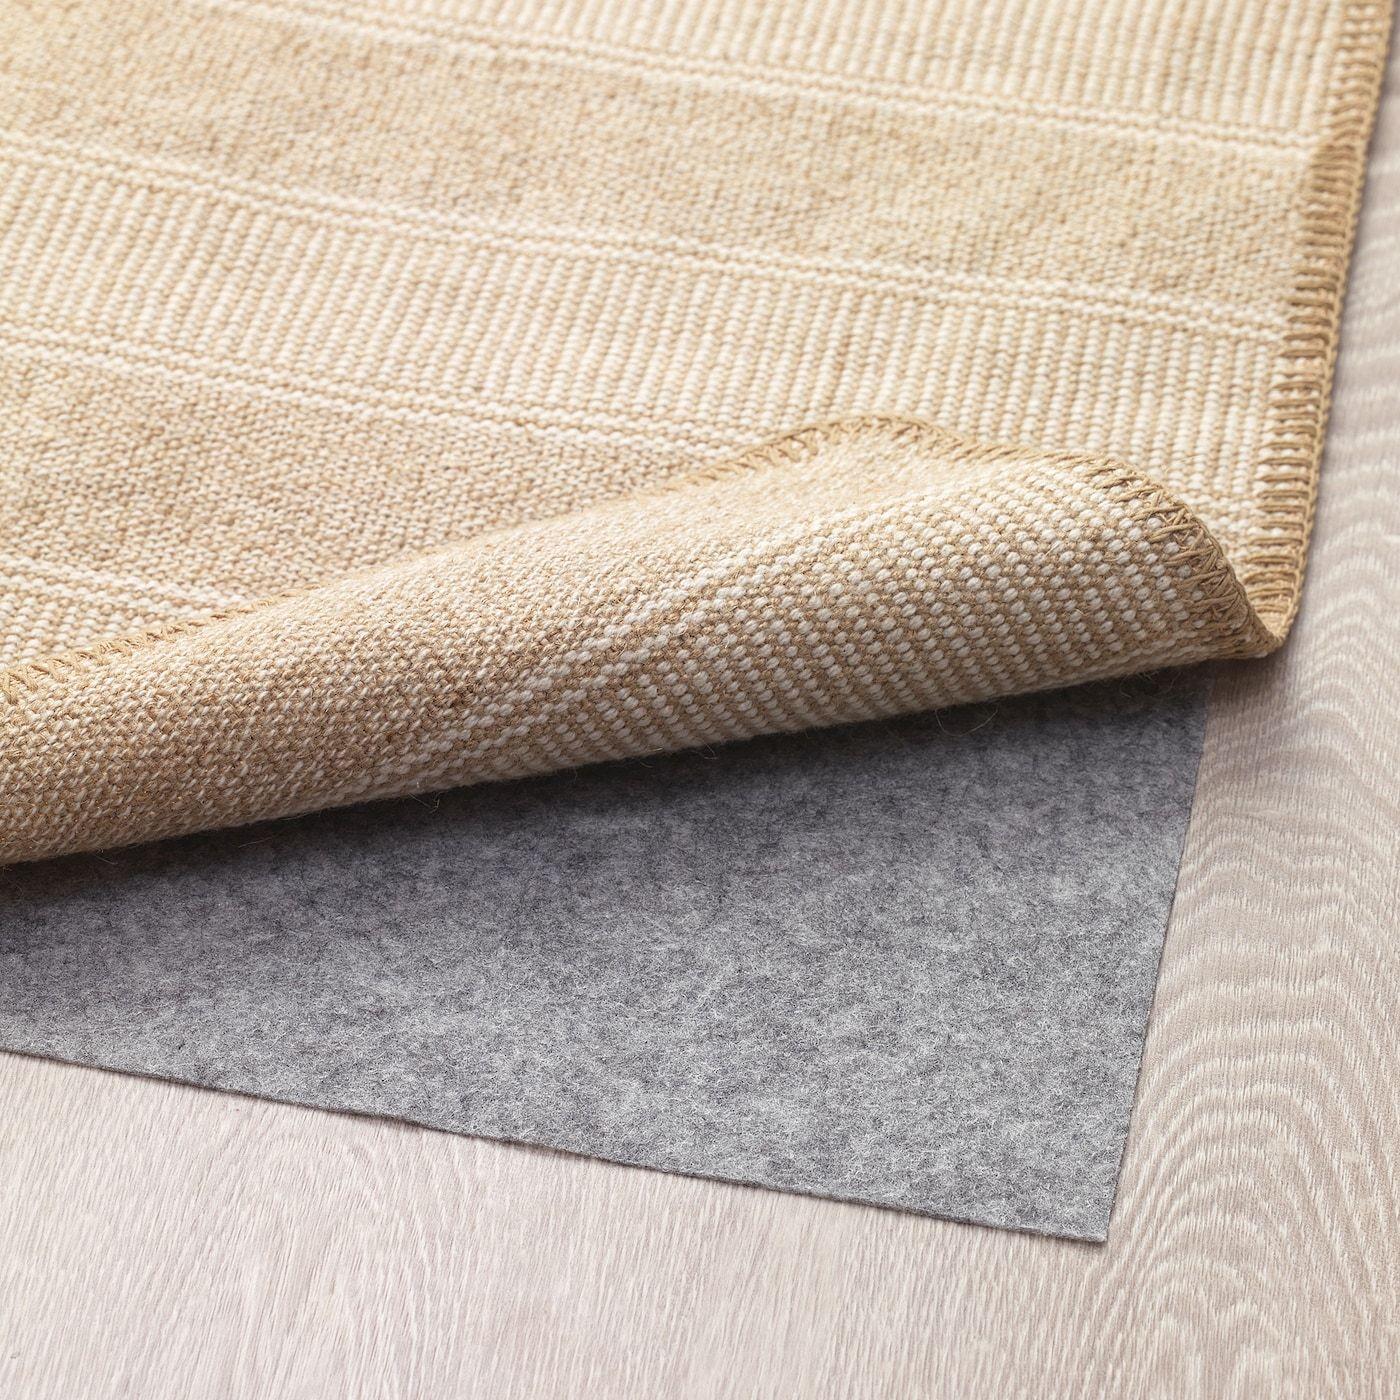 Klejs Teppich Flach Gewebt Beige Weiß 50x80 Cm Ikea Österreich Teppich Flach Gewebt Teppich Beige